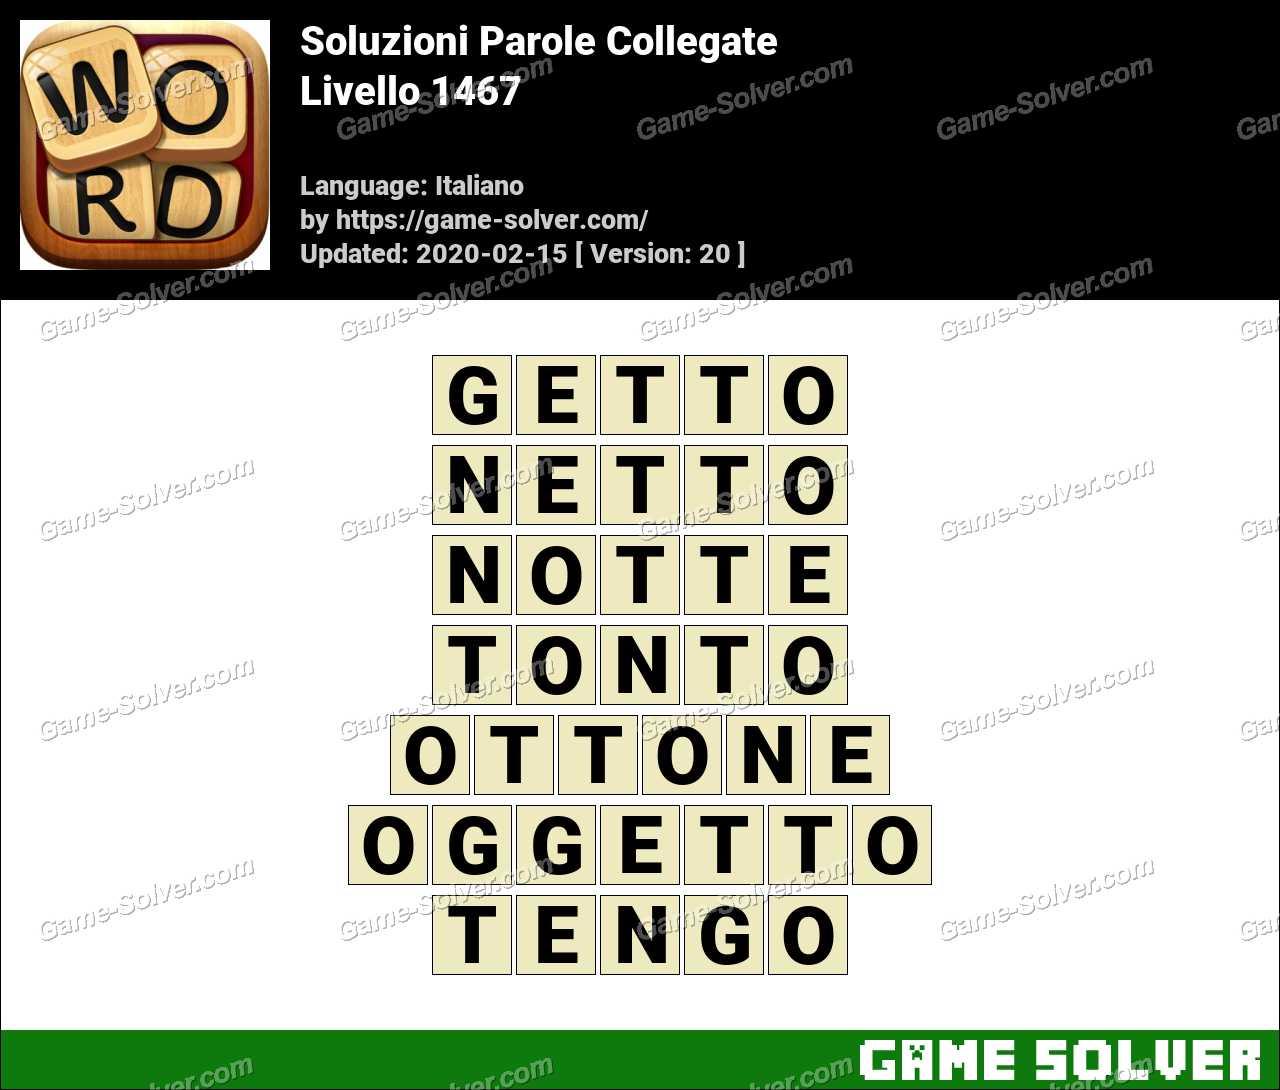 Soluzioni Parole Collegate Livello 1467